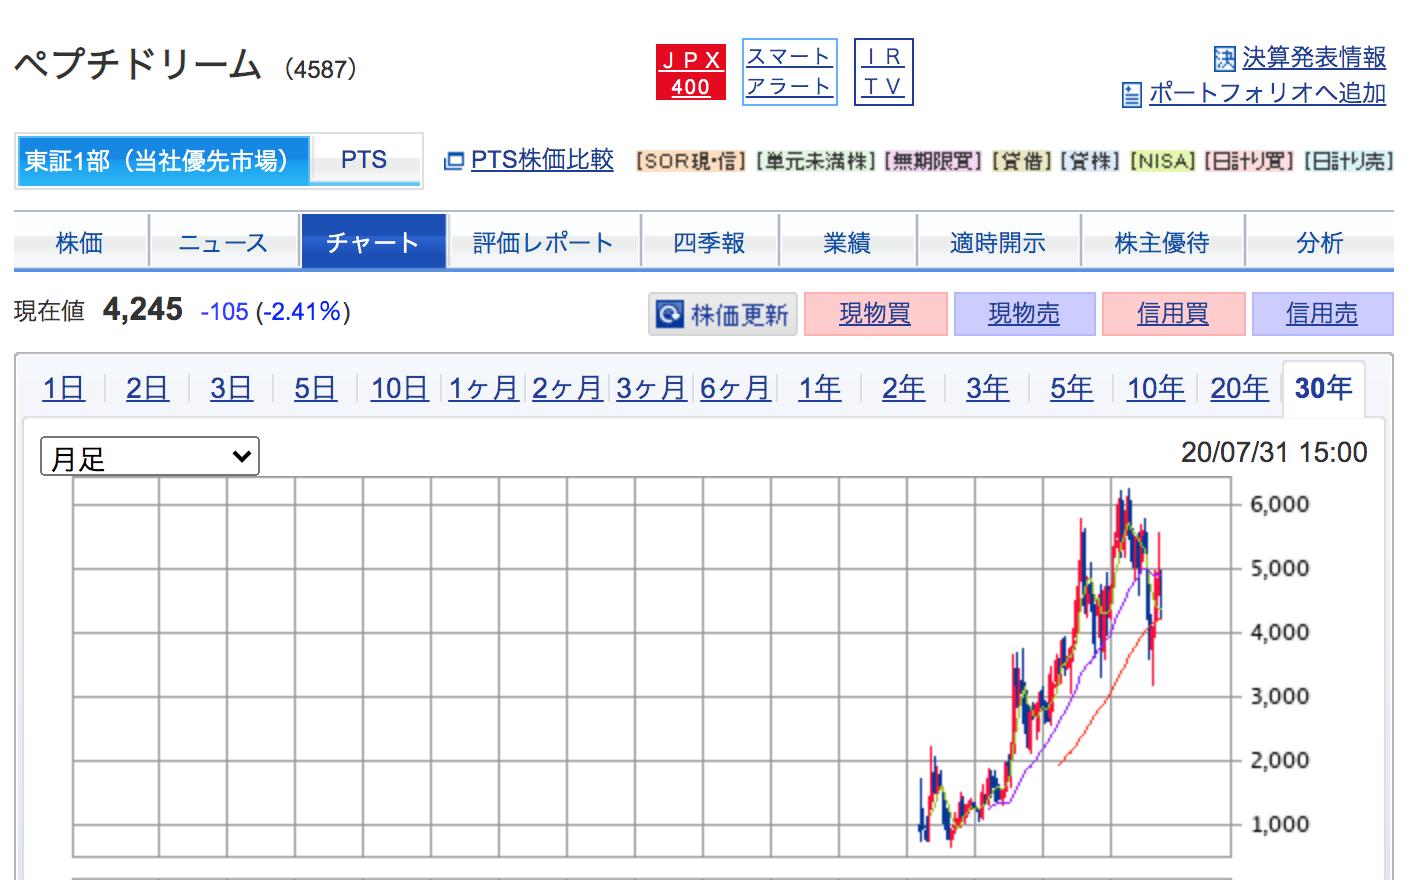 リーム 株価 ペプチド